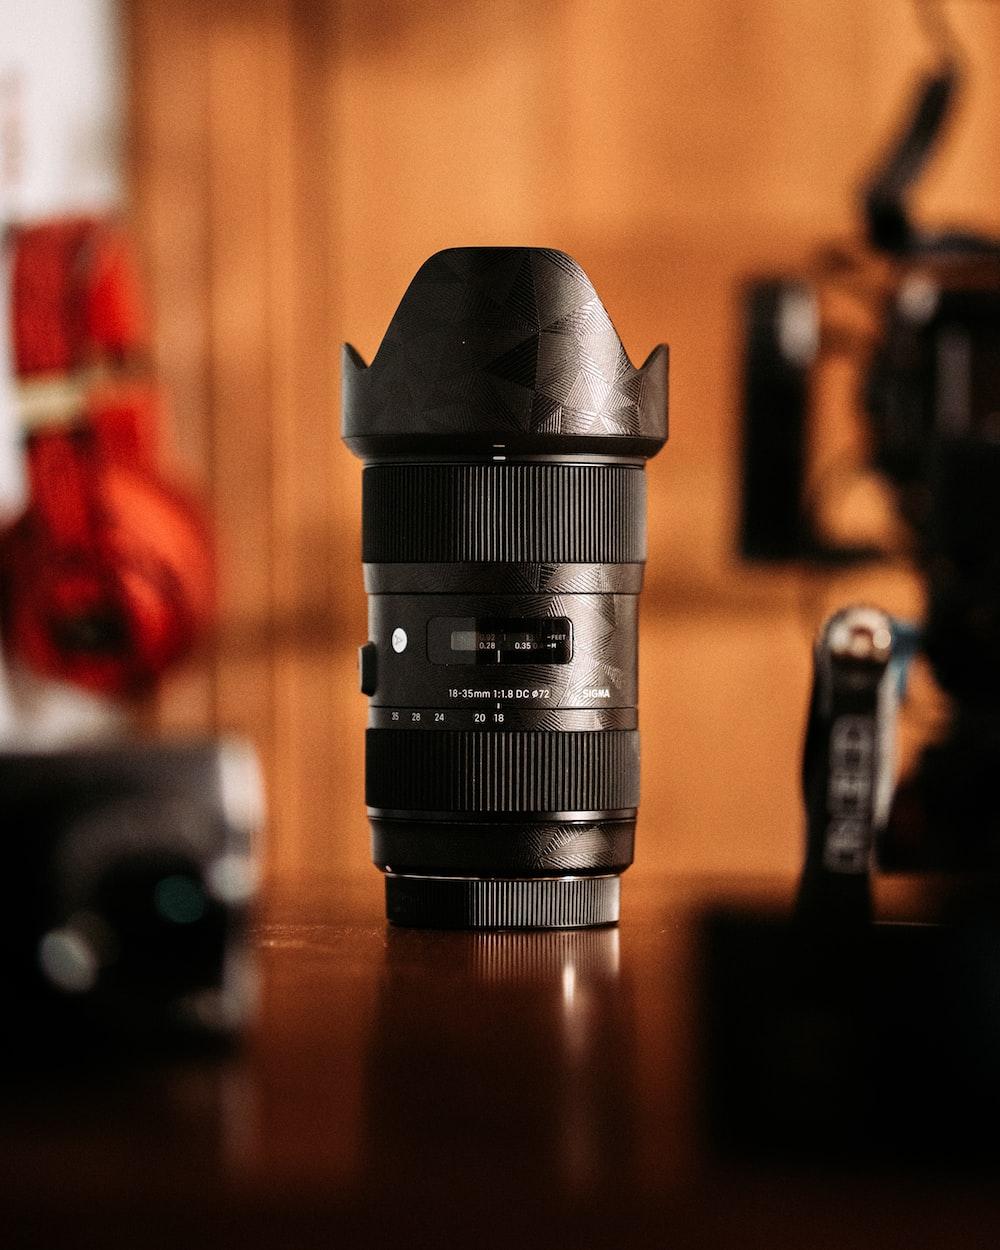 black dslr camera lens on brown wooden table